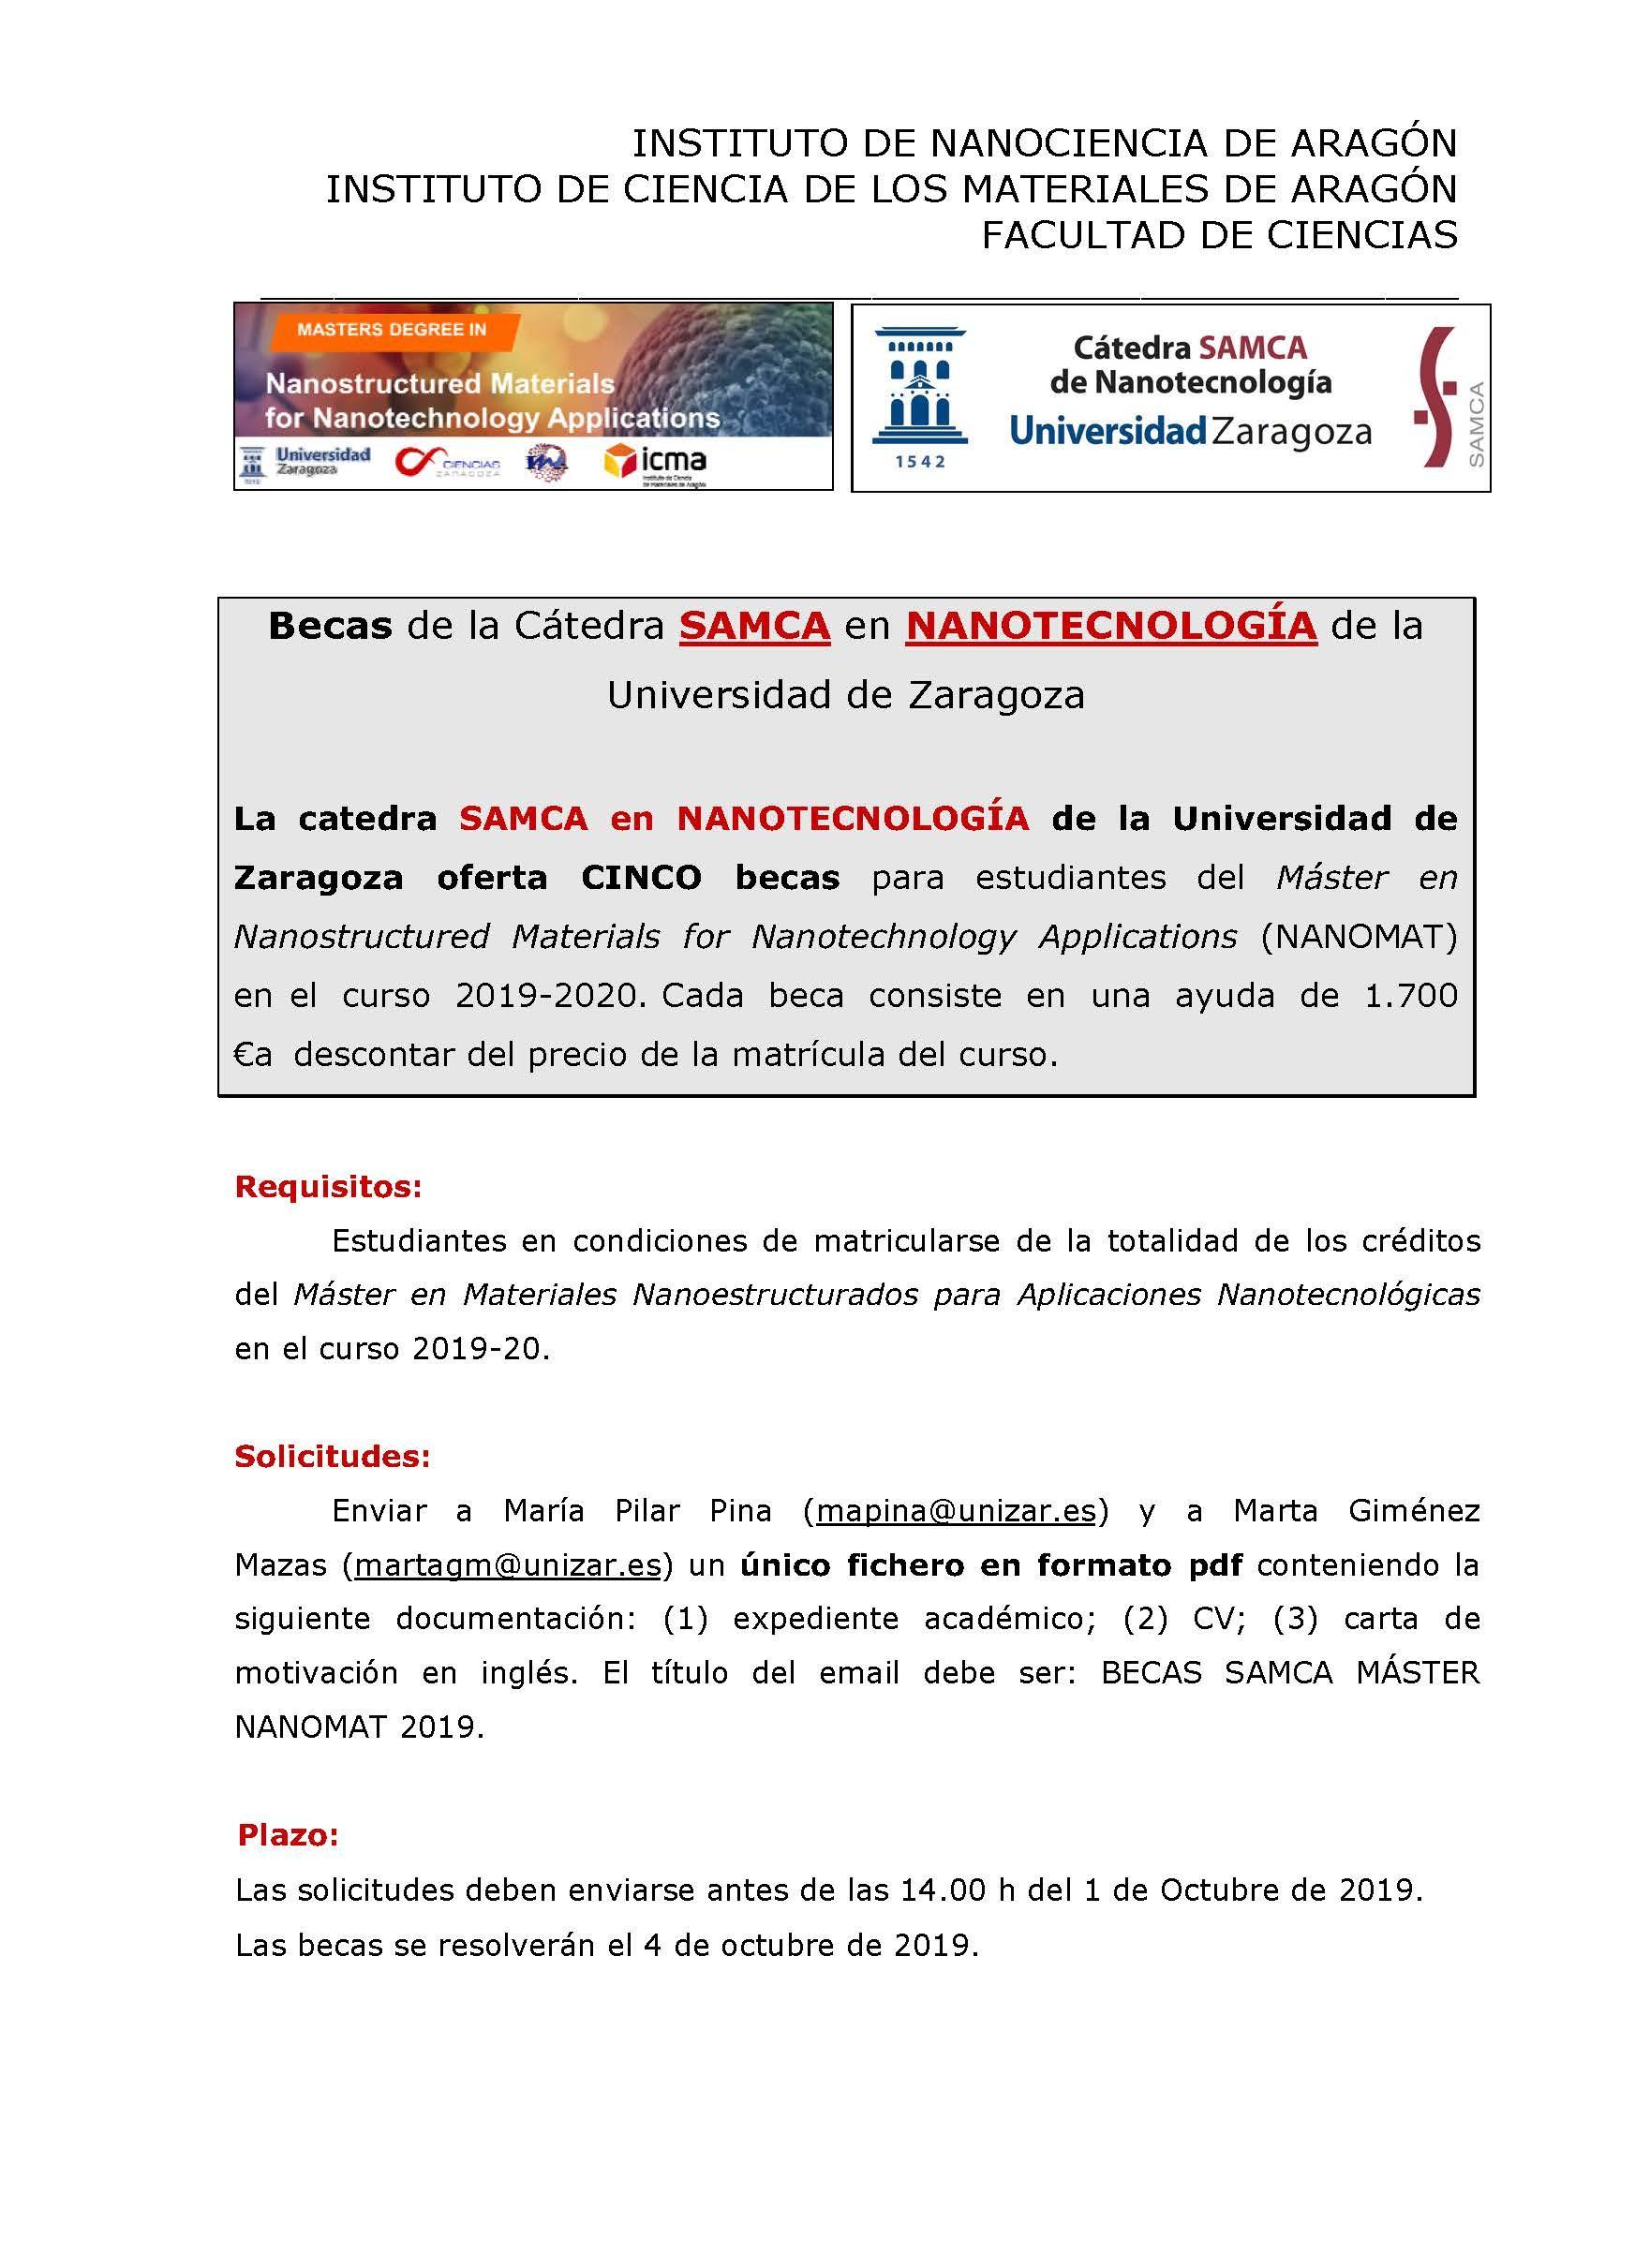 Calendario Festivos 2020 Zaragoza Más Populares Unizar H Of Calendario Festivos 2020 Zaragoza Más Reciente Los Cuidados Enfermeros 340 Public Health Studocu